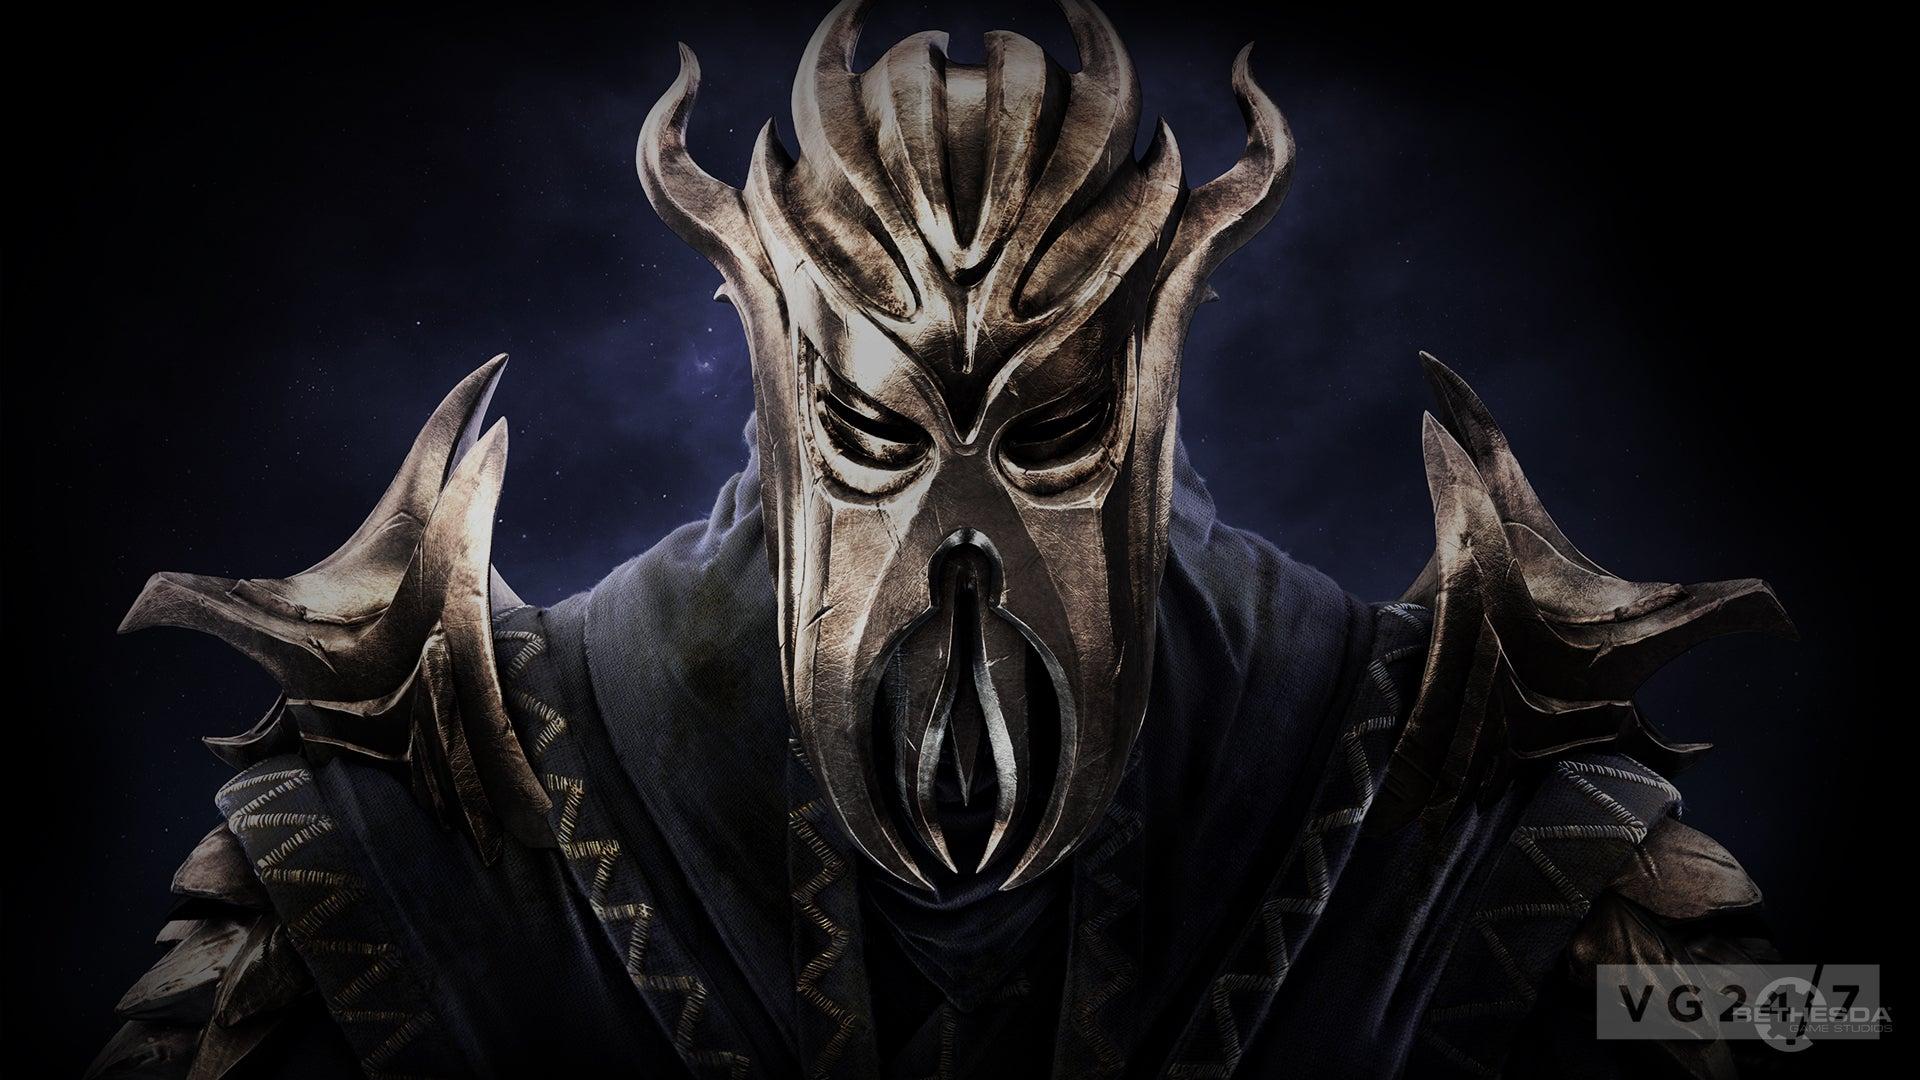 Image for Skyrim DLC 3: Bethesda's teaser trailer drops Nov 5th